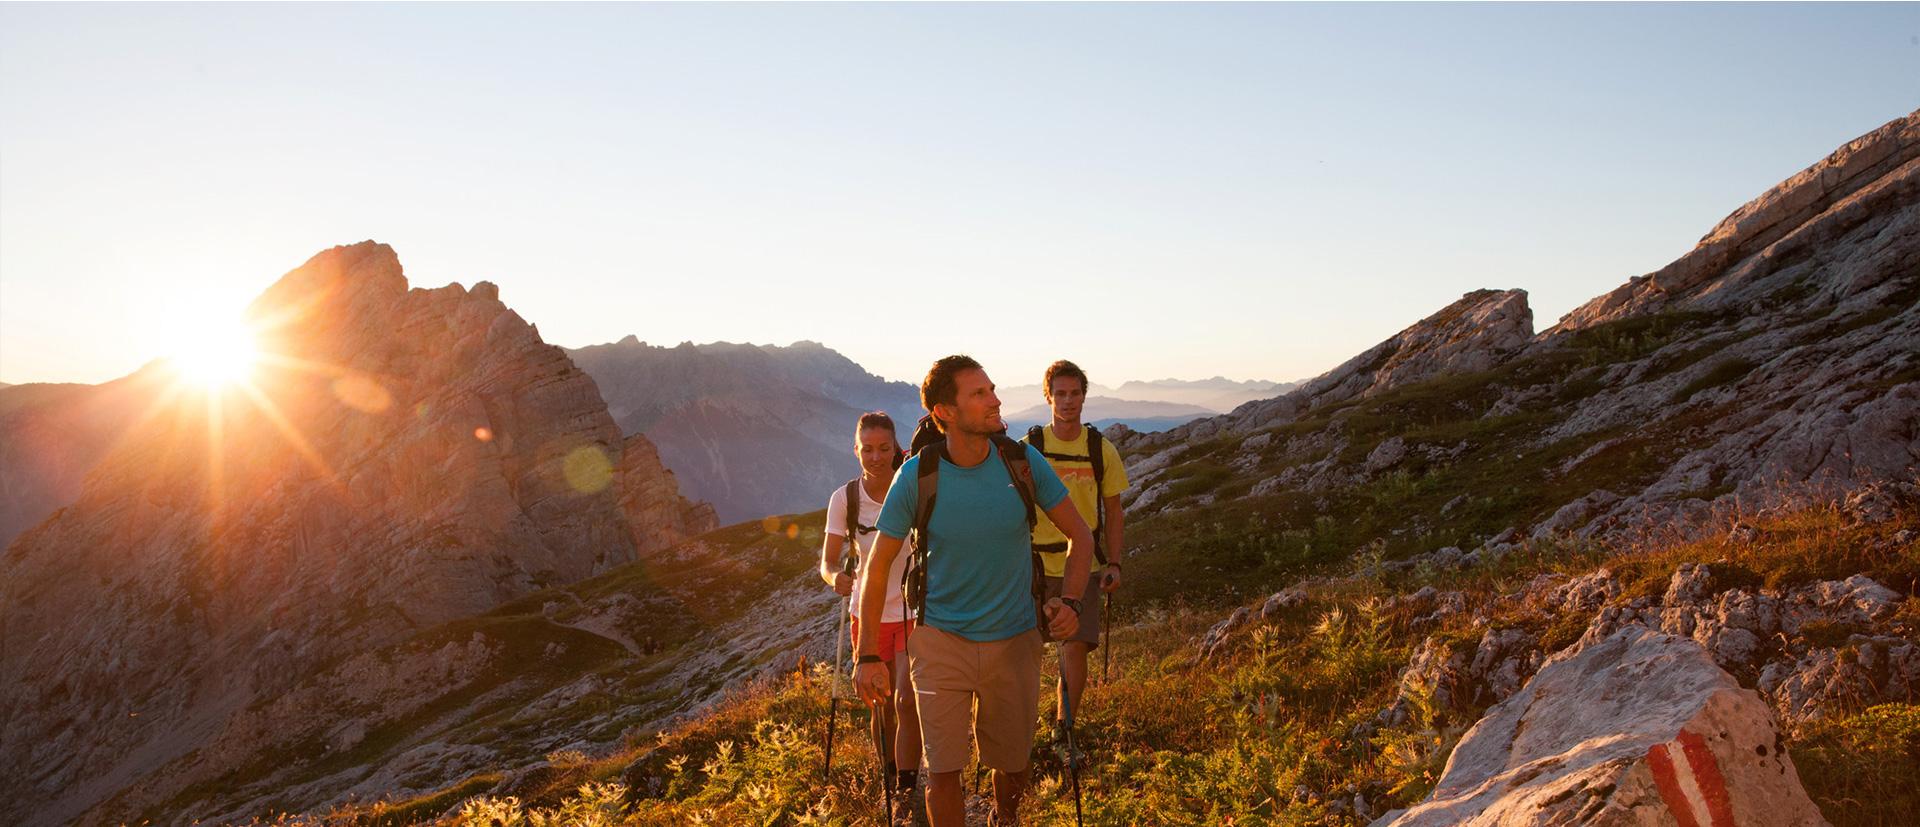 Entdecken Sie die Berge in Ihrem Aktivurlaub in Österreich